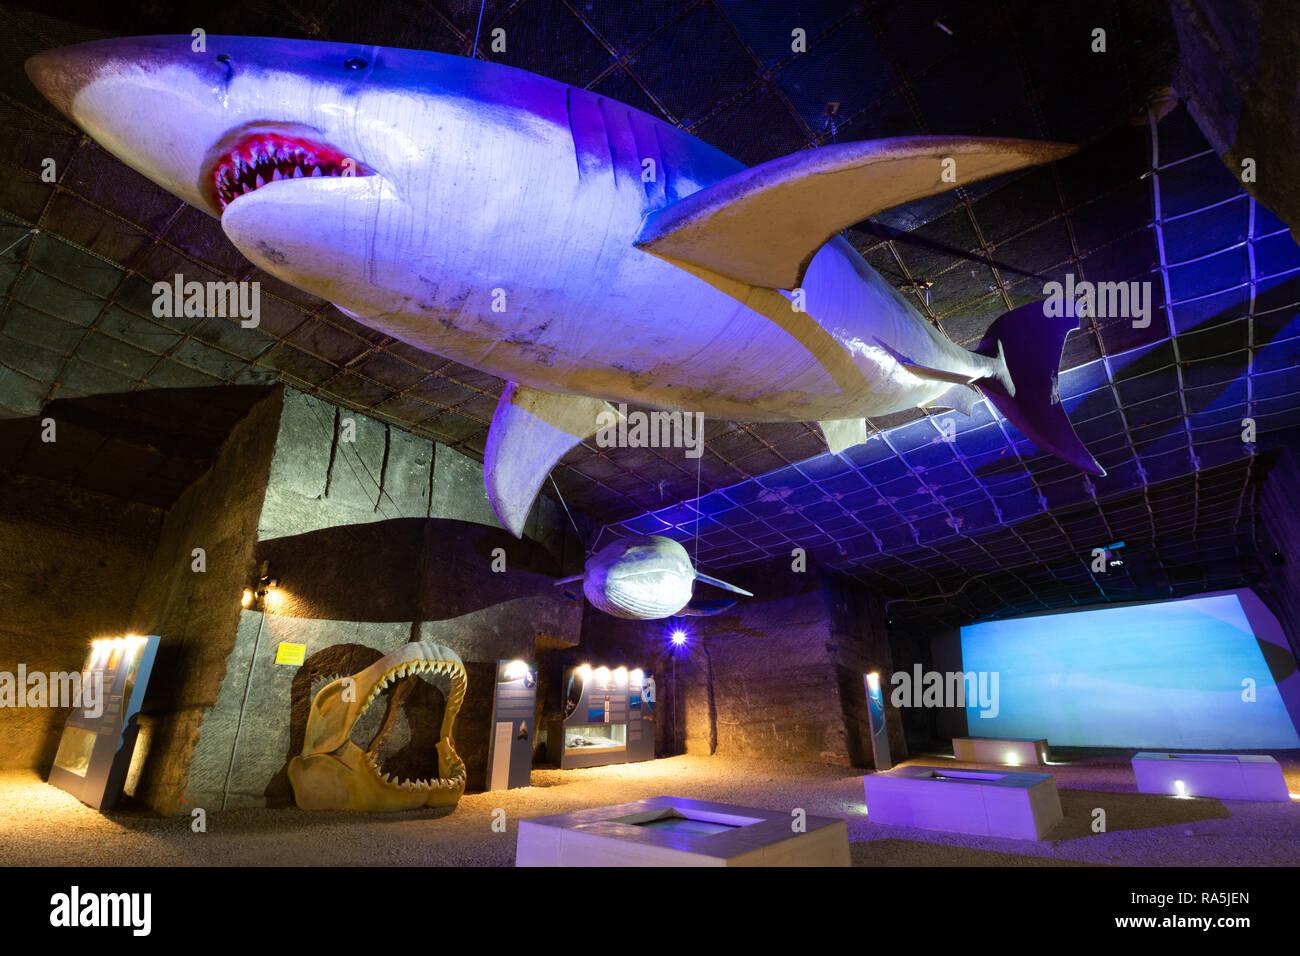 """El llamado """"Parque Temático"""" exposición en la cantera de piedra caliza en la cueva Fertorakos, Hungría. Una vida-tamaño Megalodon Megalodon y mandíbulas. Imagen De Stock"""